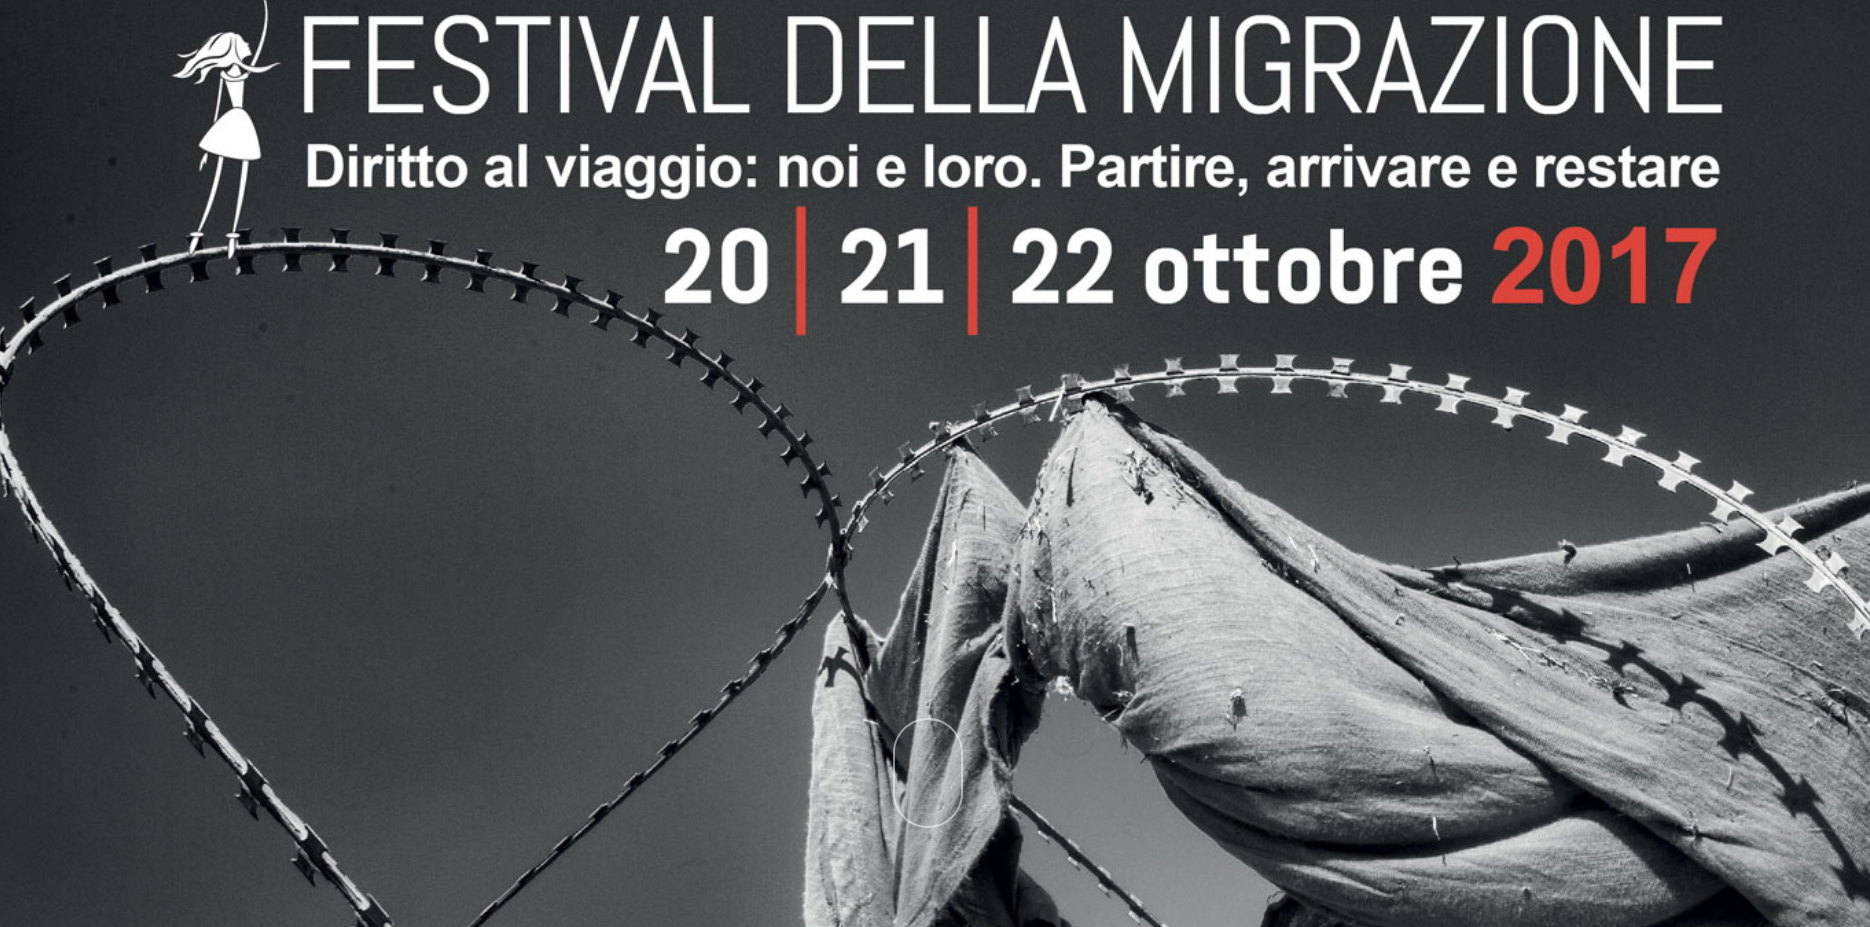 Festival delle migrazioni a Modena, dal 20 al 22 ottobre